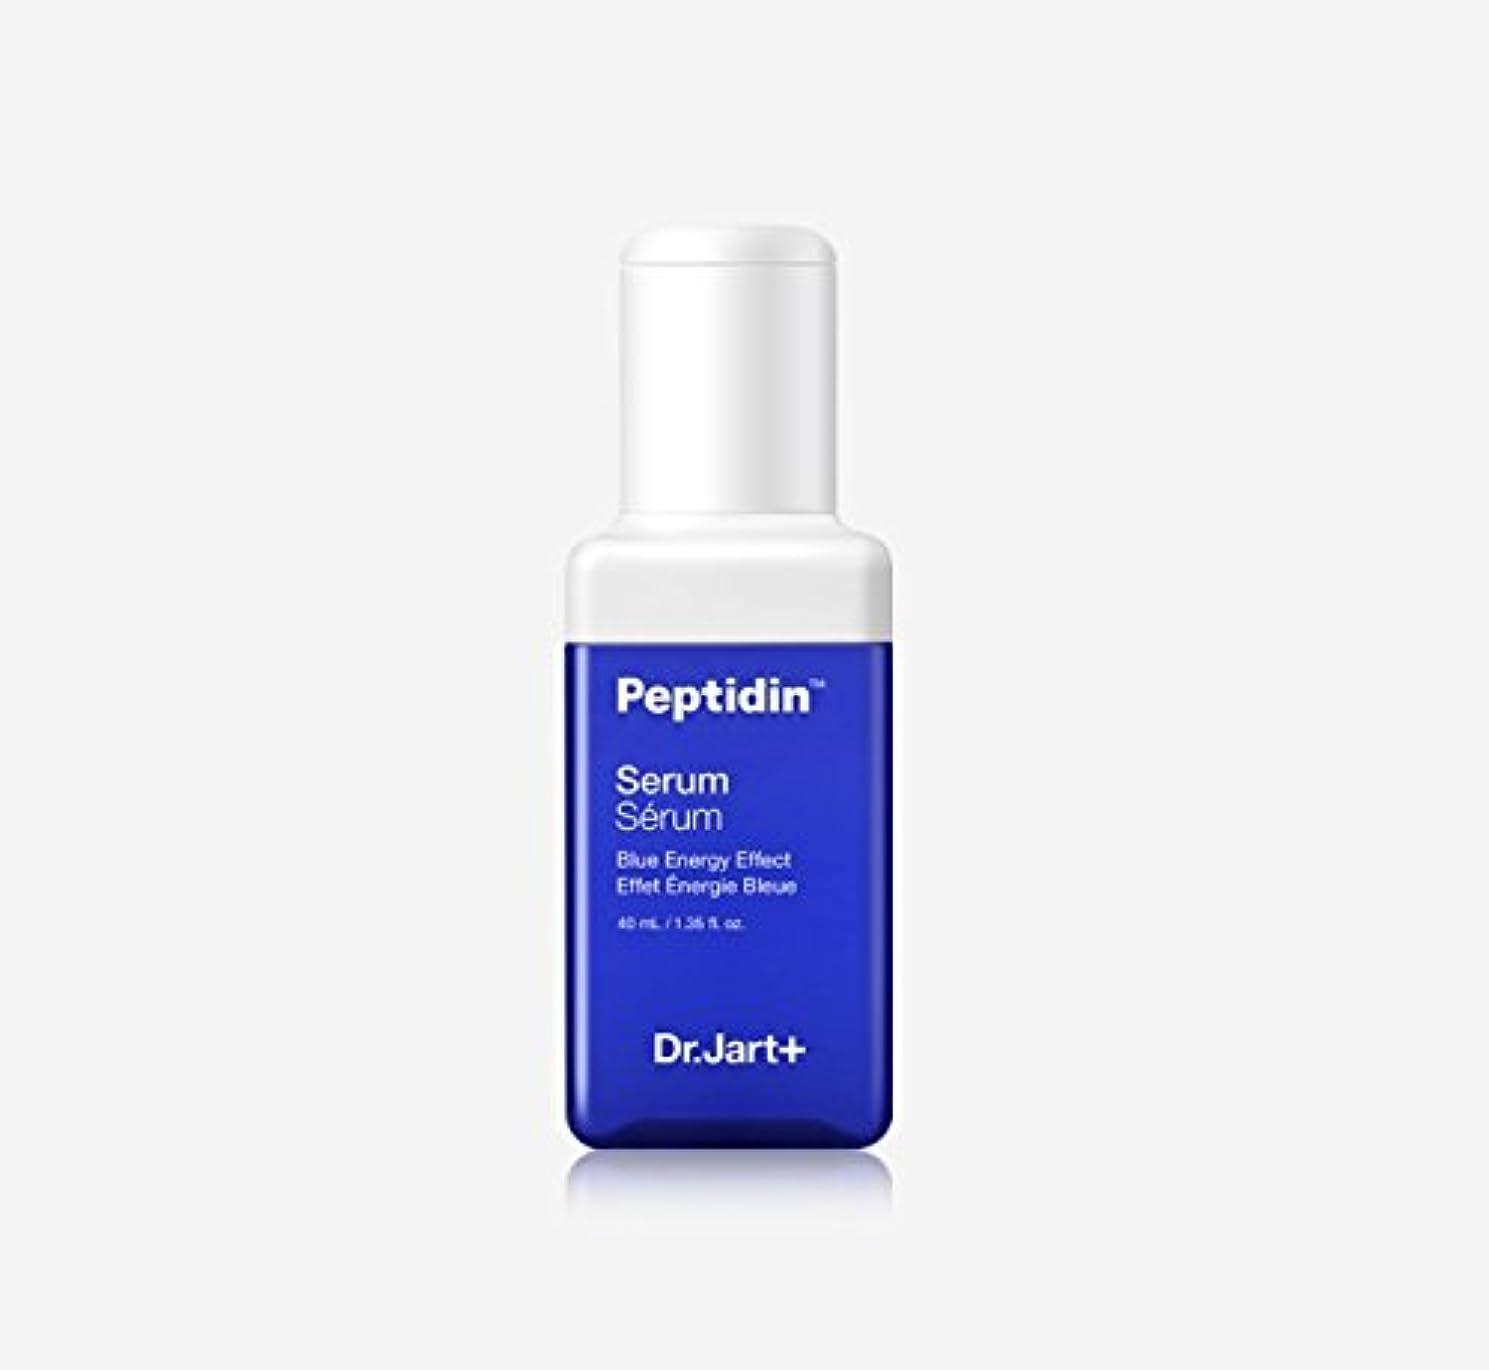 多用途見物人ルーチン[Dr.Jart+] ドクタージャルトペプチドディーンセラムブルーエネルギー 40ml / DR JART Peptidin Serum Blue Energy 1.35 fl.oz. [海外直送品]